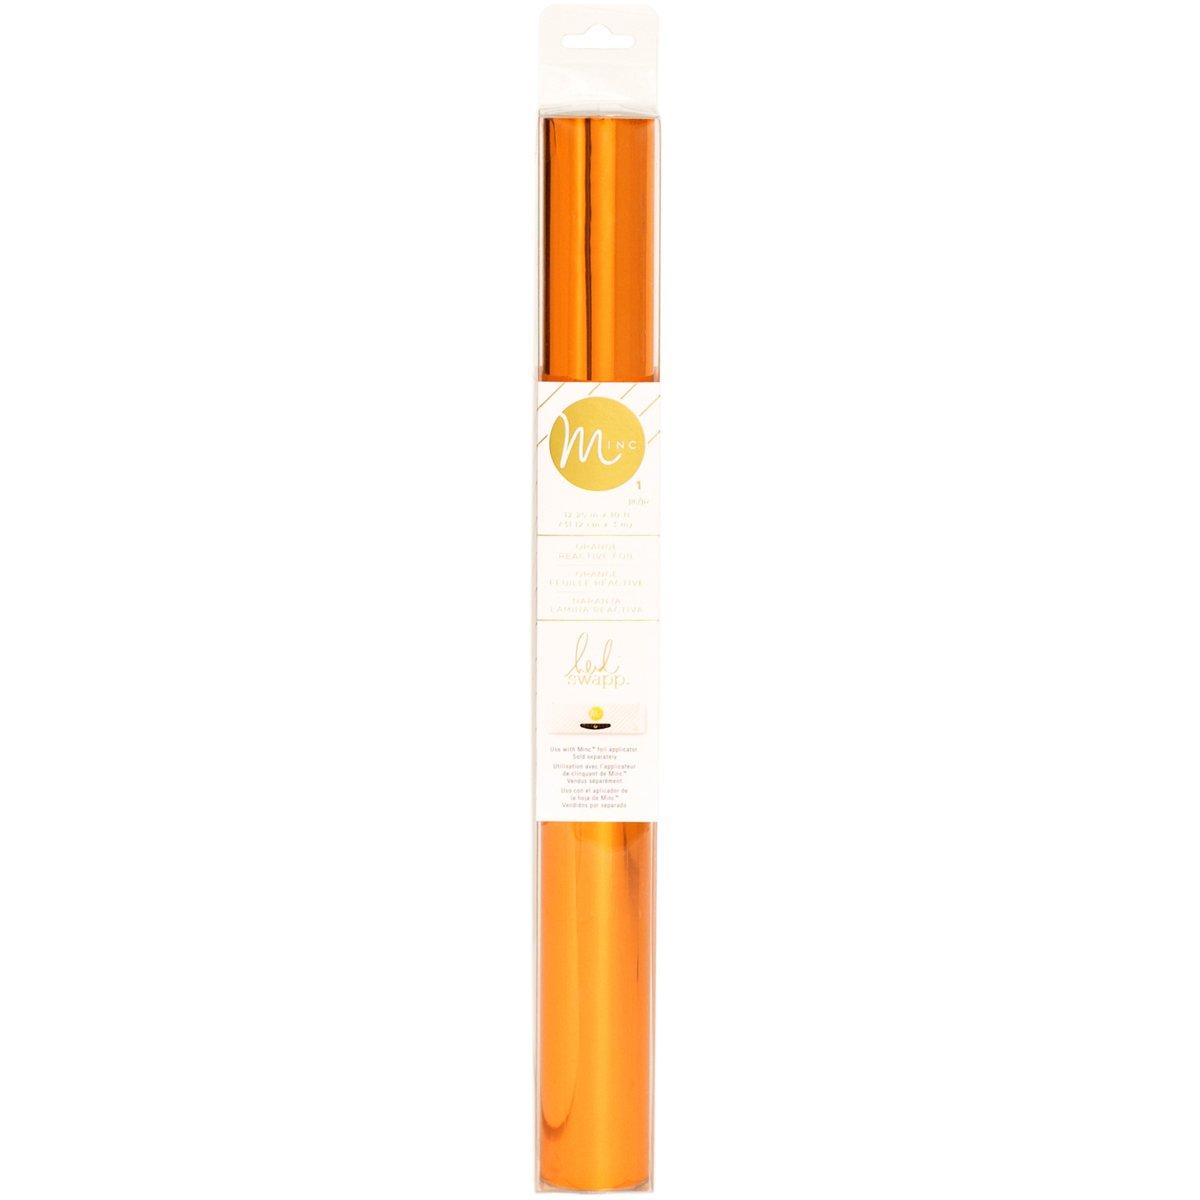 American Crafts Minc Reactive alluminio, 31 cm, 3 x 3 m, colore: arancione 312100